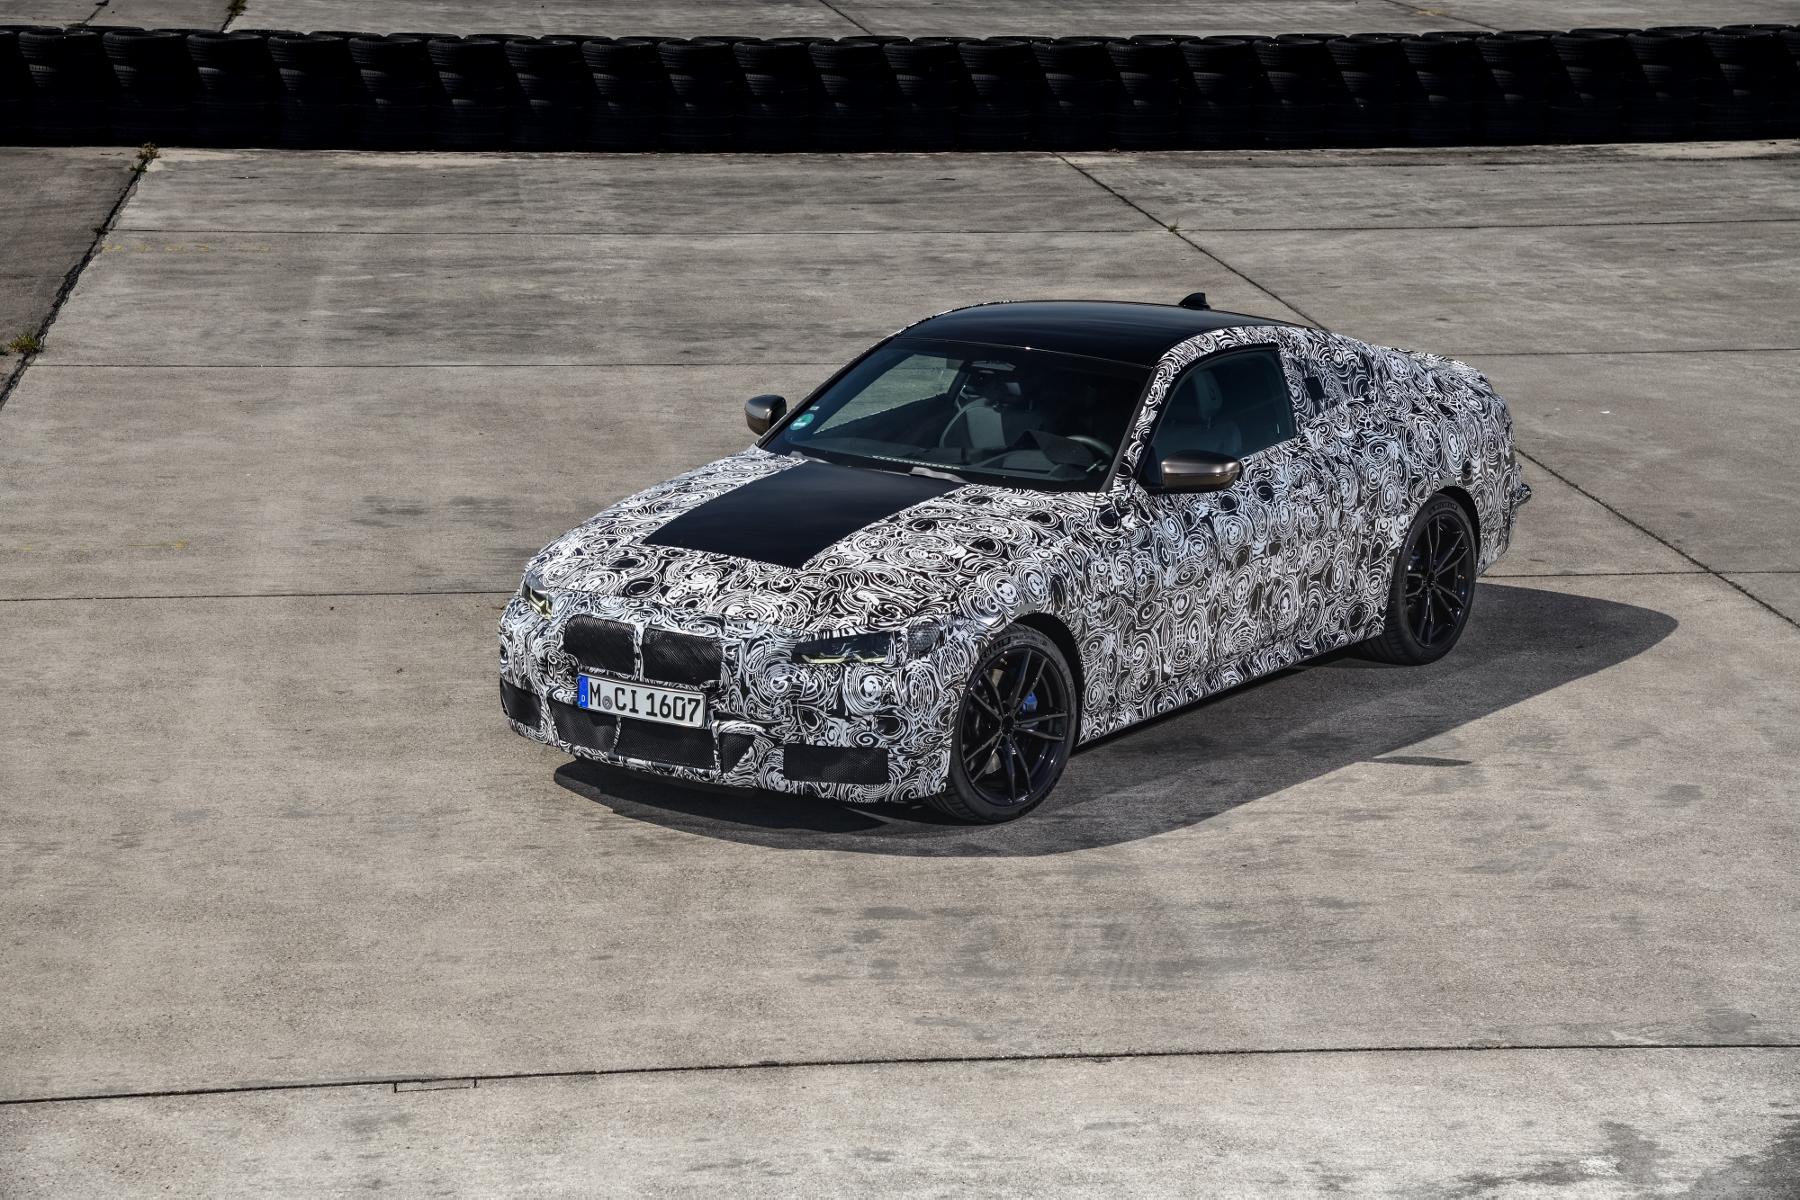 Nové BMW radu 4 Coupé dostane športovejší podvozok 6aLSPBBFlt bmw-4-coupe-16